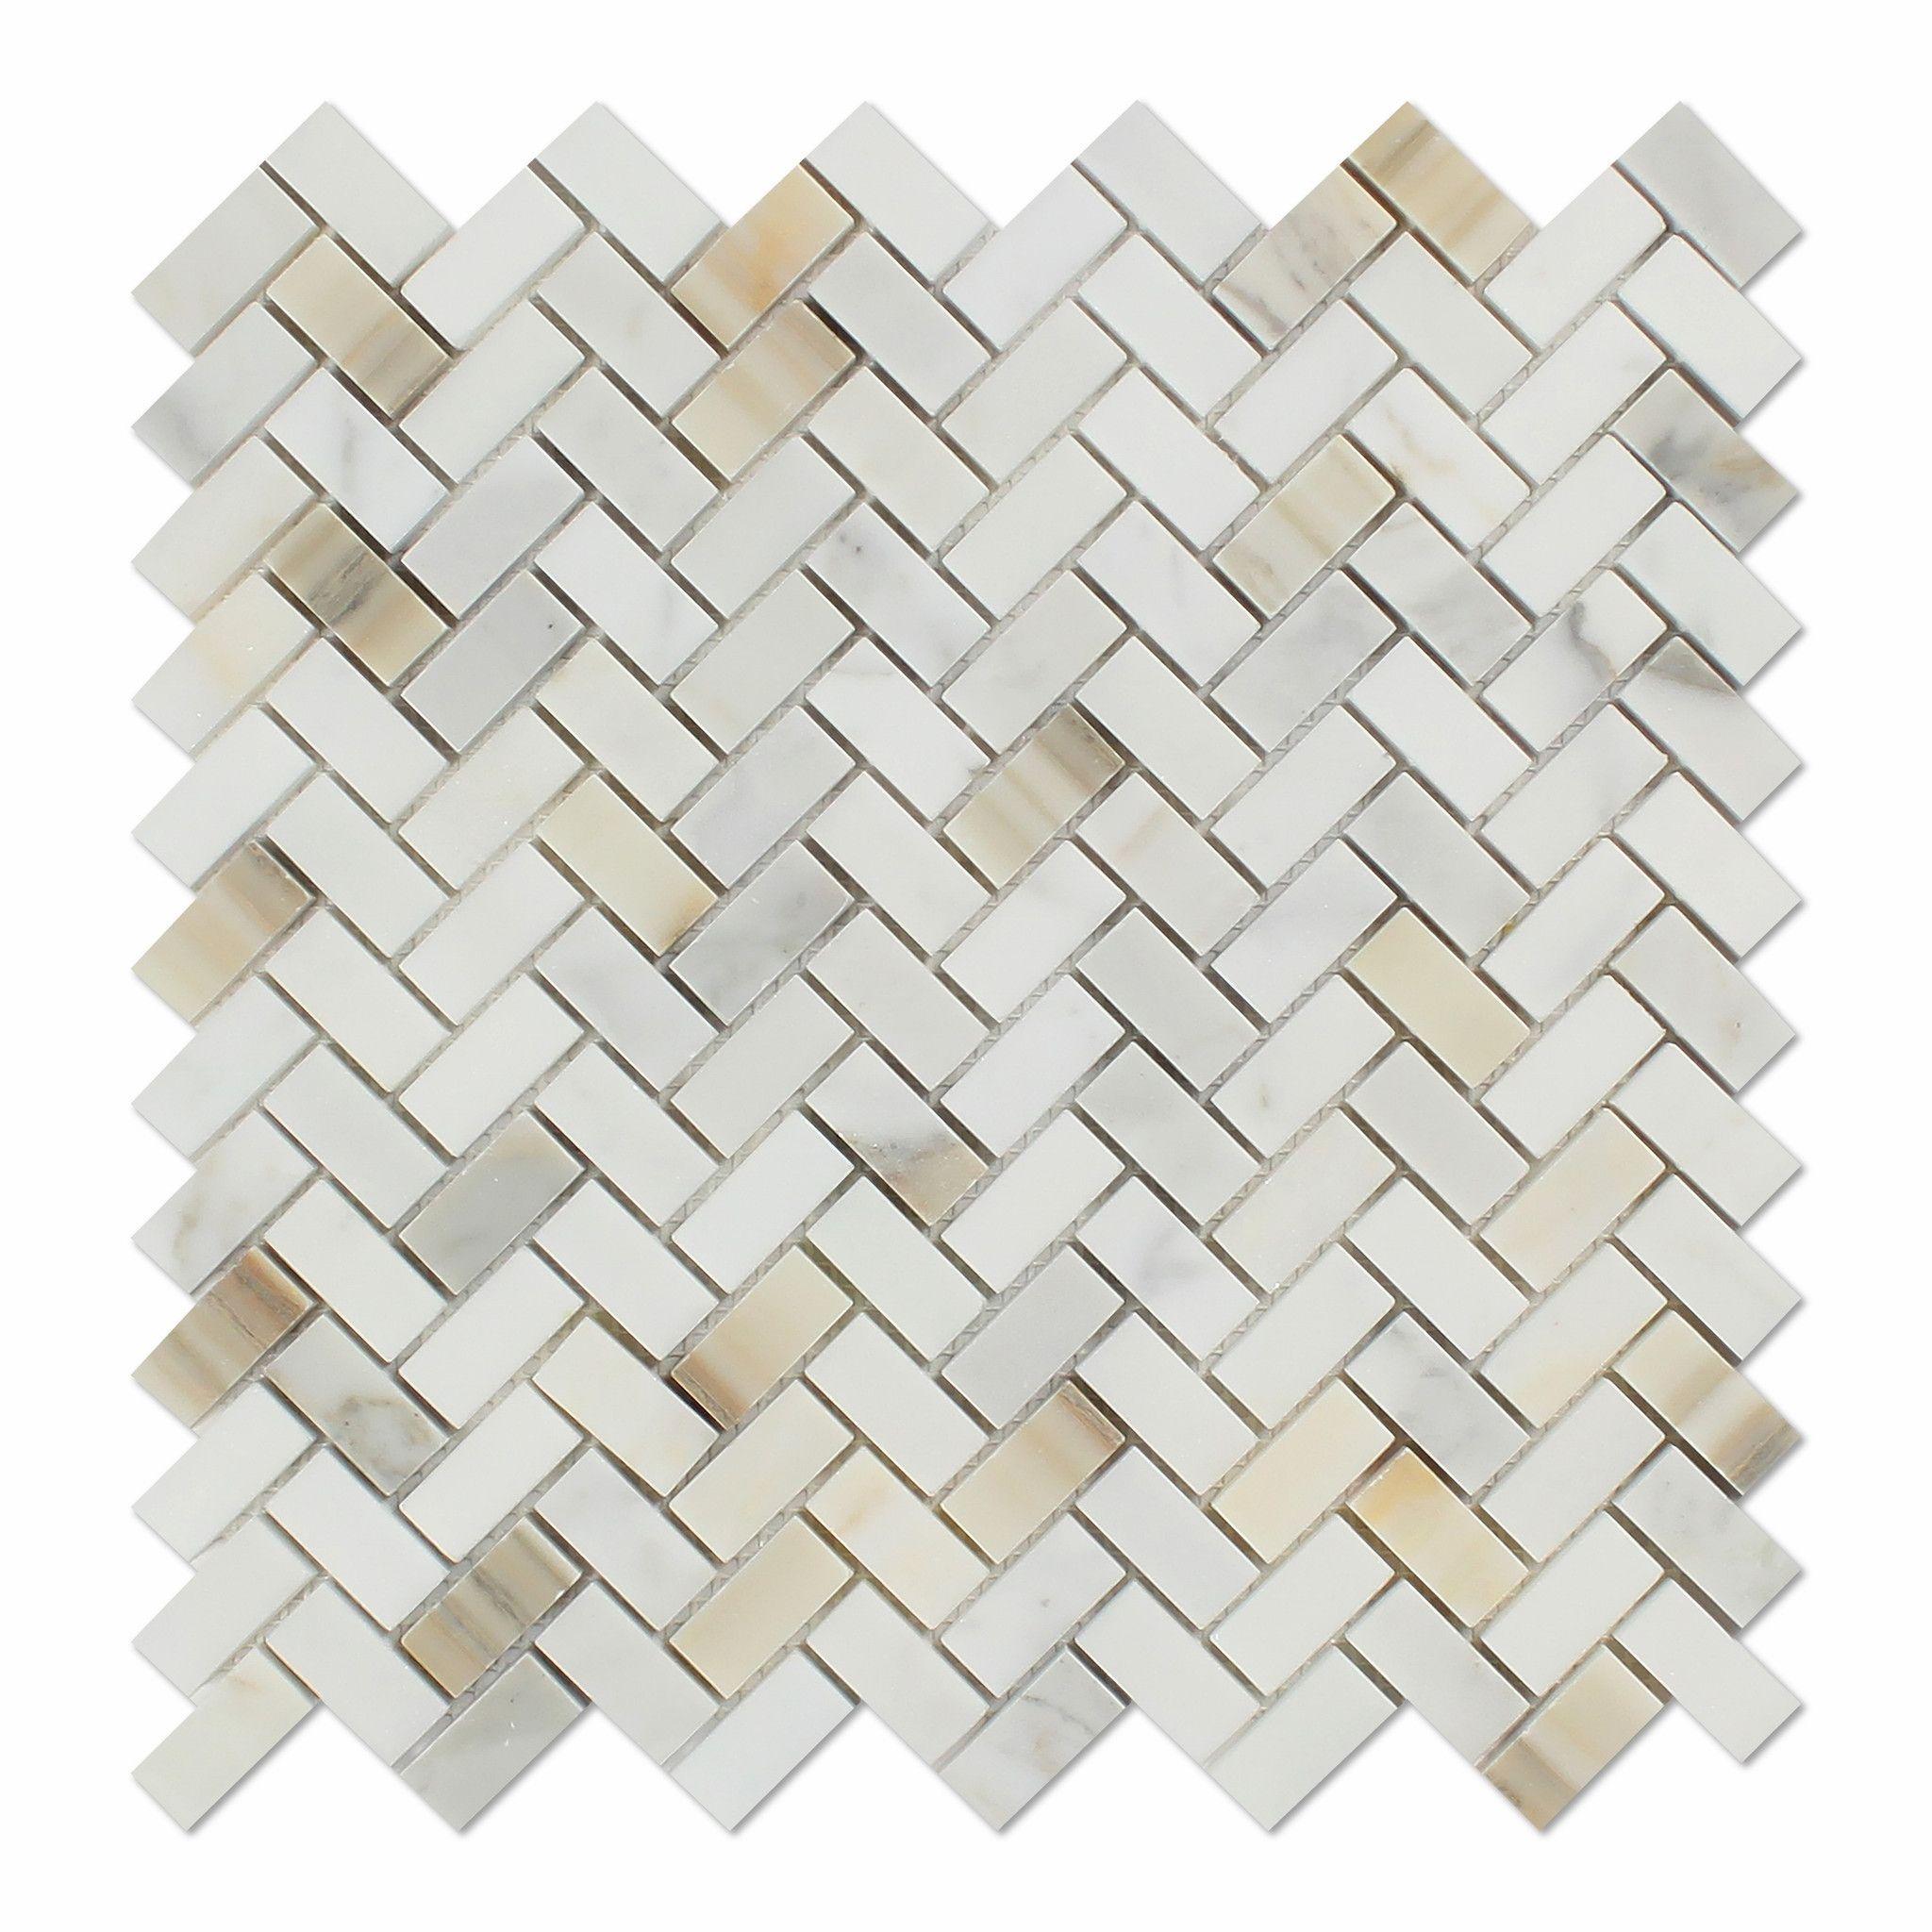 - Calacatta Gold Marble Polished Mini Herringbone Mosaic Tile